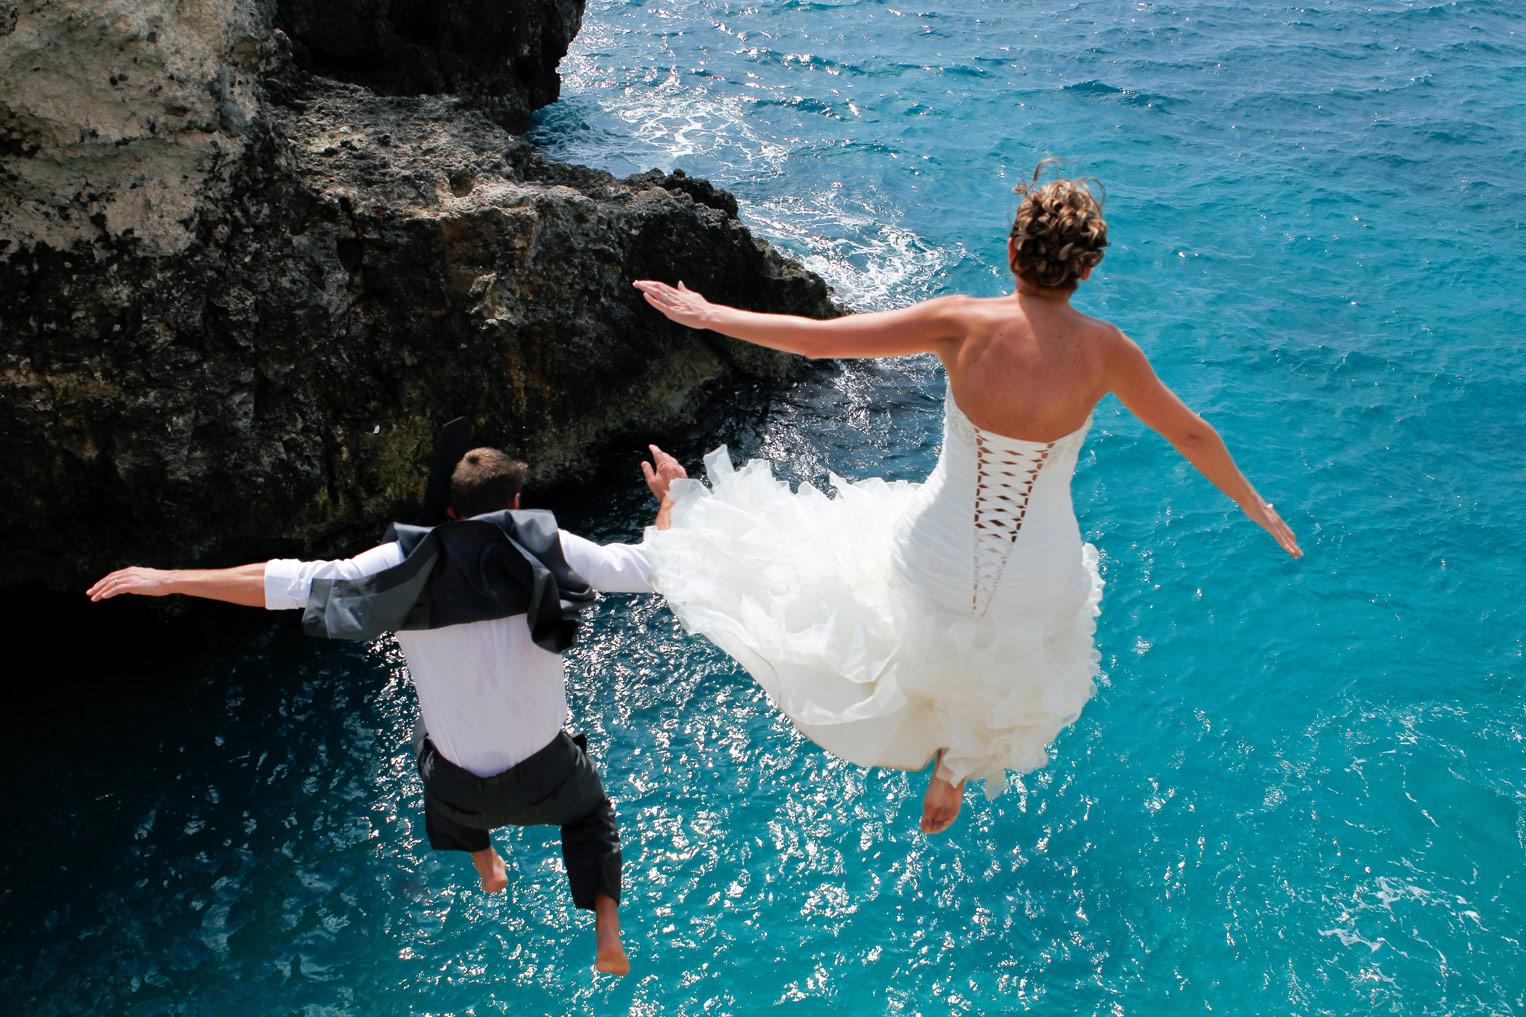 jamaica-milwaukee-destination-wedding-ruthie-hauge-photography-58.jpg